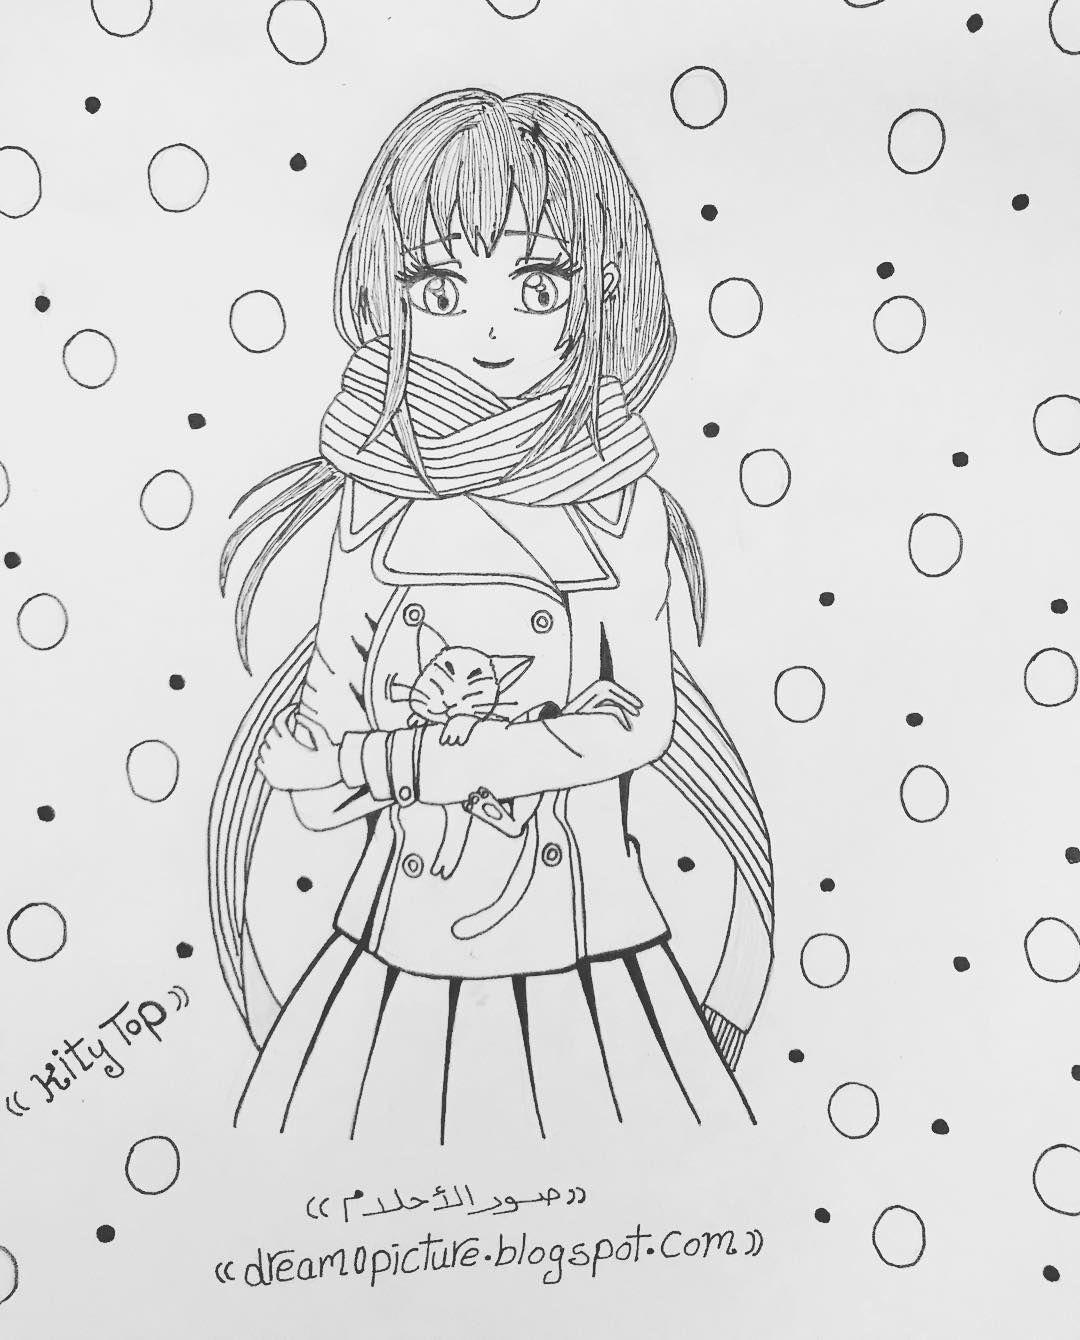 رسم رسم بالرصاص رسمي رسمات رسمتي رسم انمي رسمي رايكم يهمني اسعدوني بالتعليق انمي فنون Drawn Dra Girly Art Cartoon Characters Sketch Character Sketch